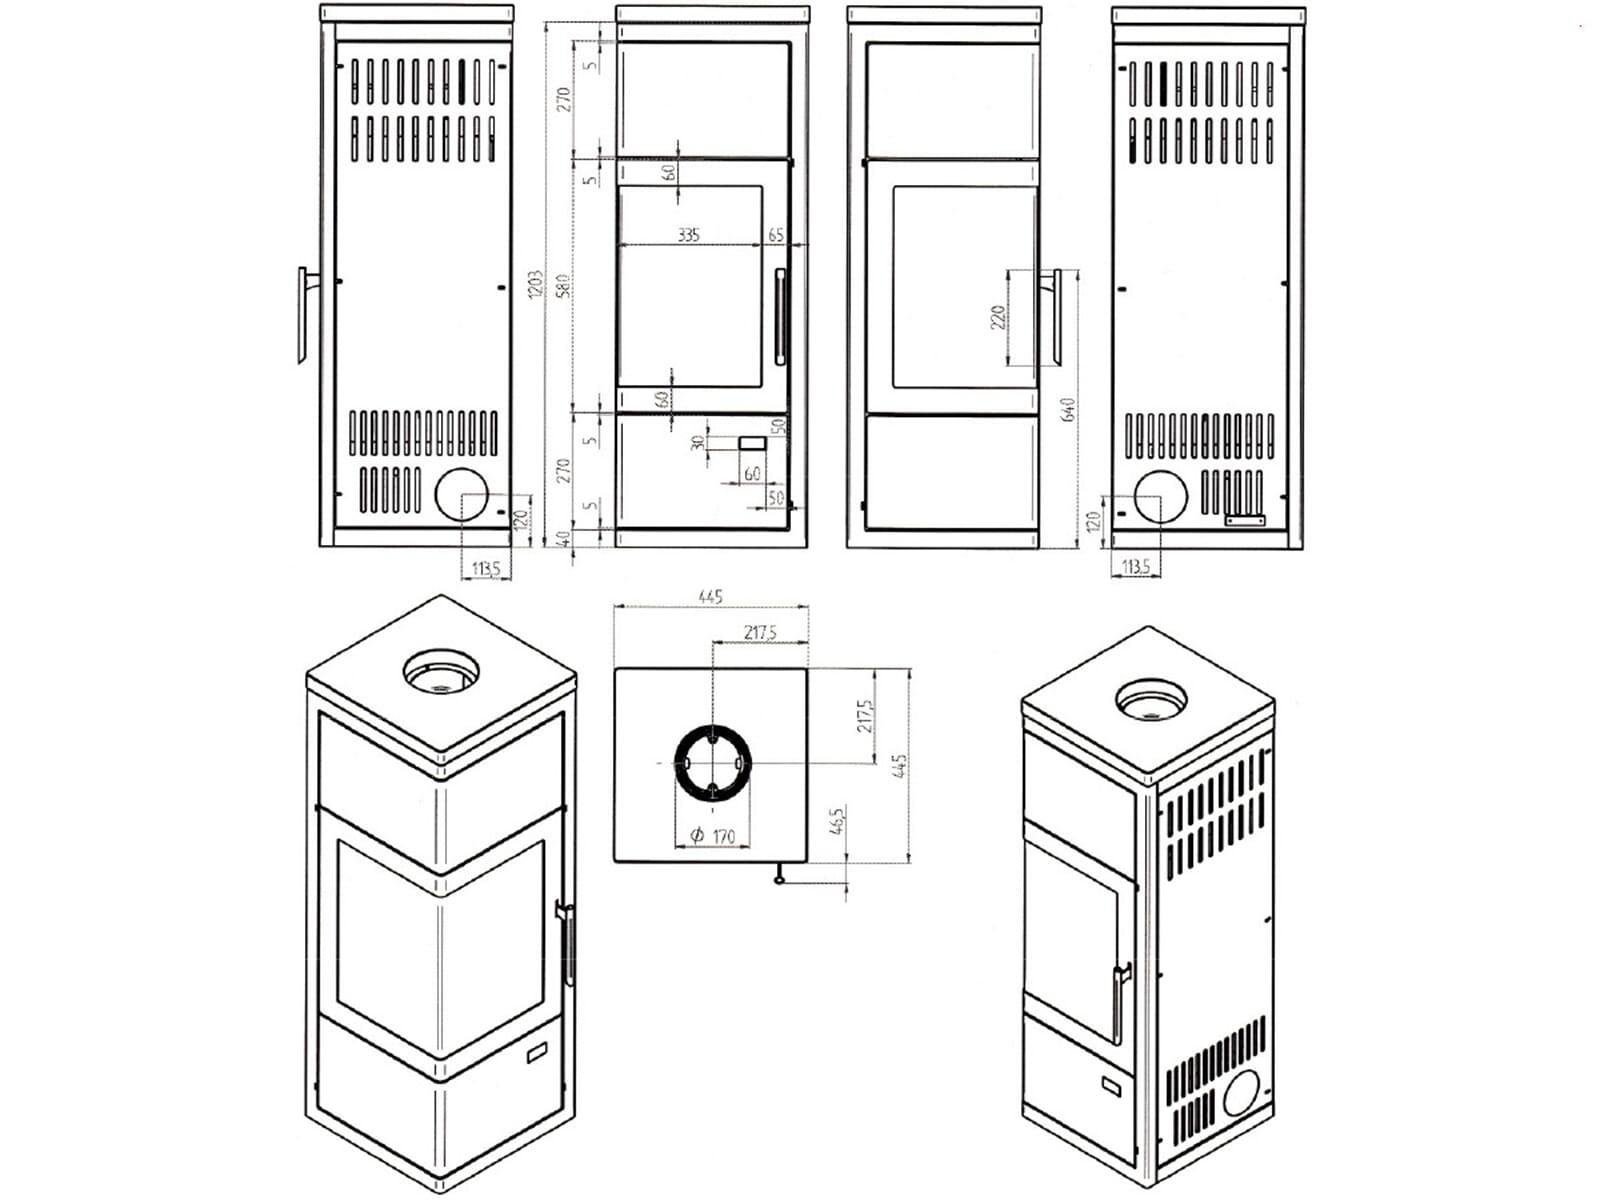 justus diego w rmeplus kaminofen stahl schwarz abdeckplatte speckstein 6kw kamin ebay. Black Bedroom Furniture Sets. Home Design Ideas